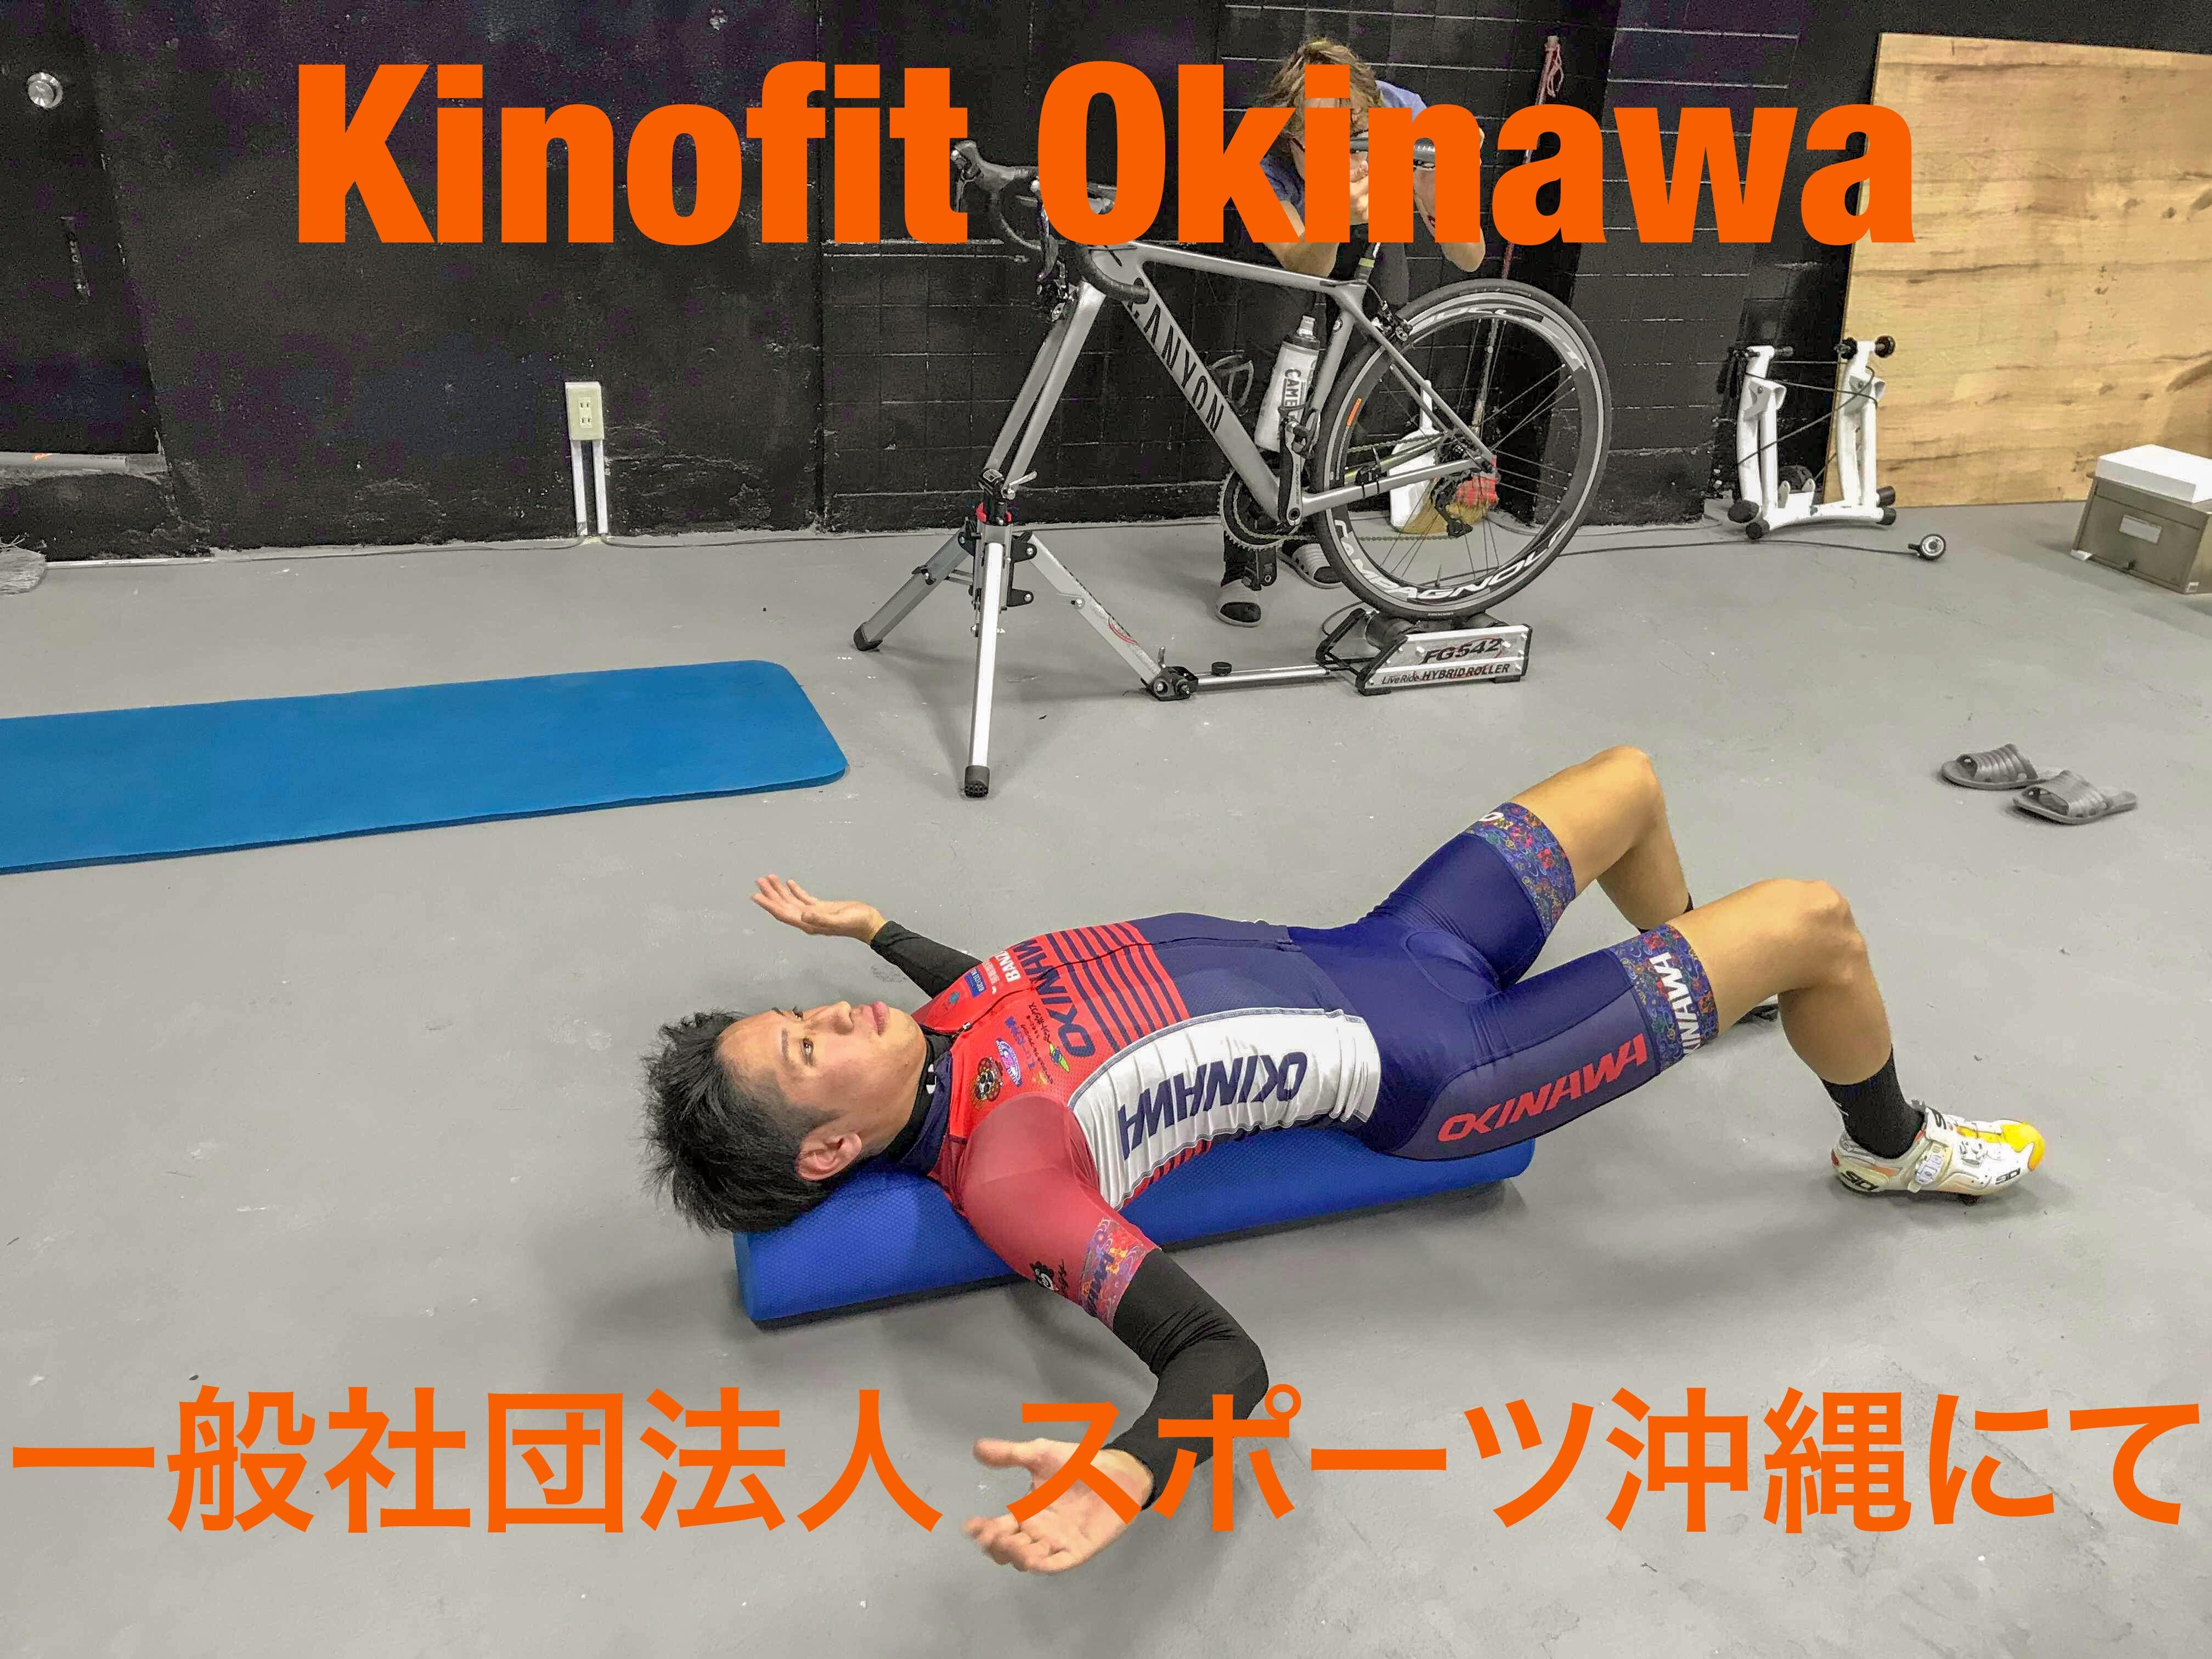 沖縄で初のkinofit